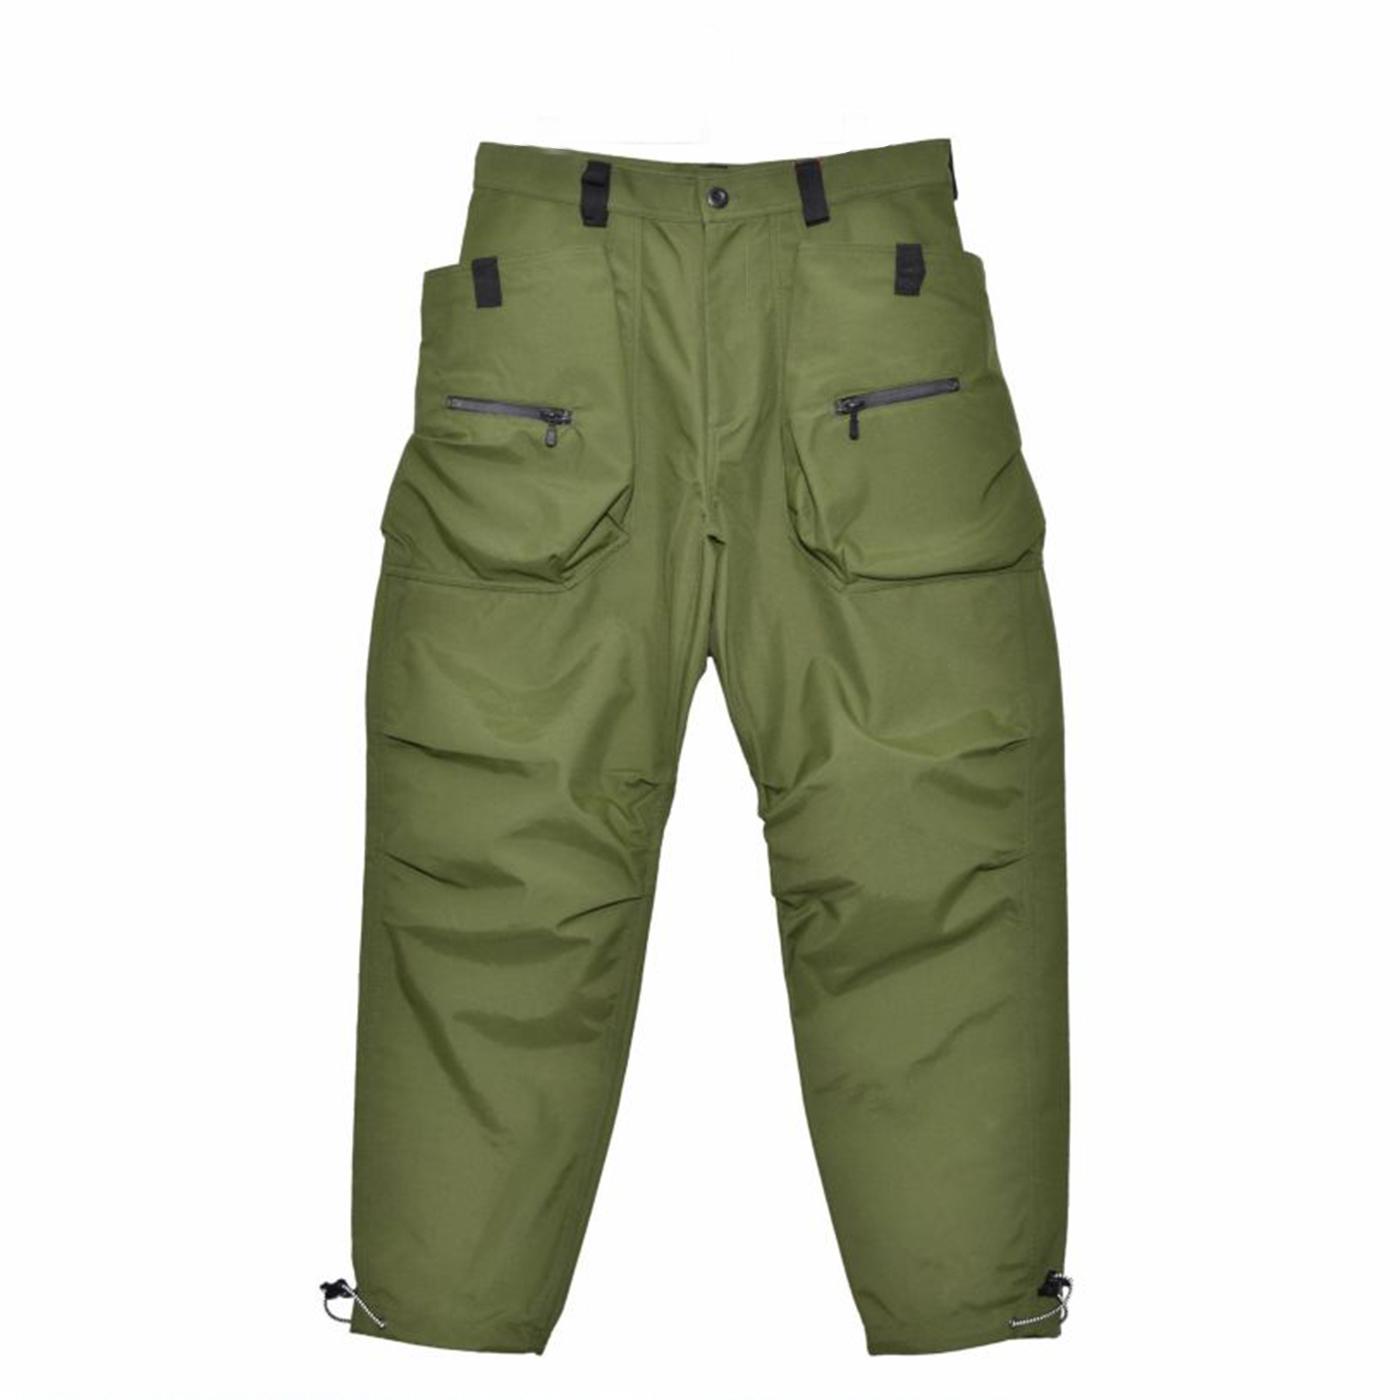 product: UTILLITY PANTS / color: KHAKI 1